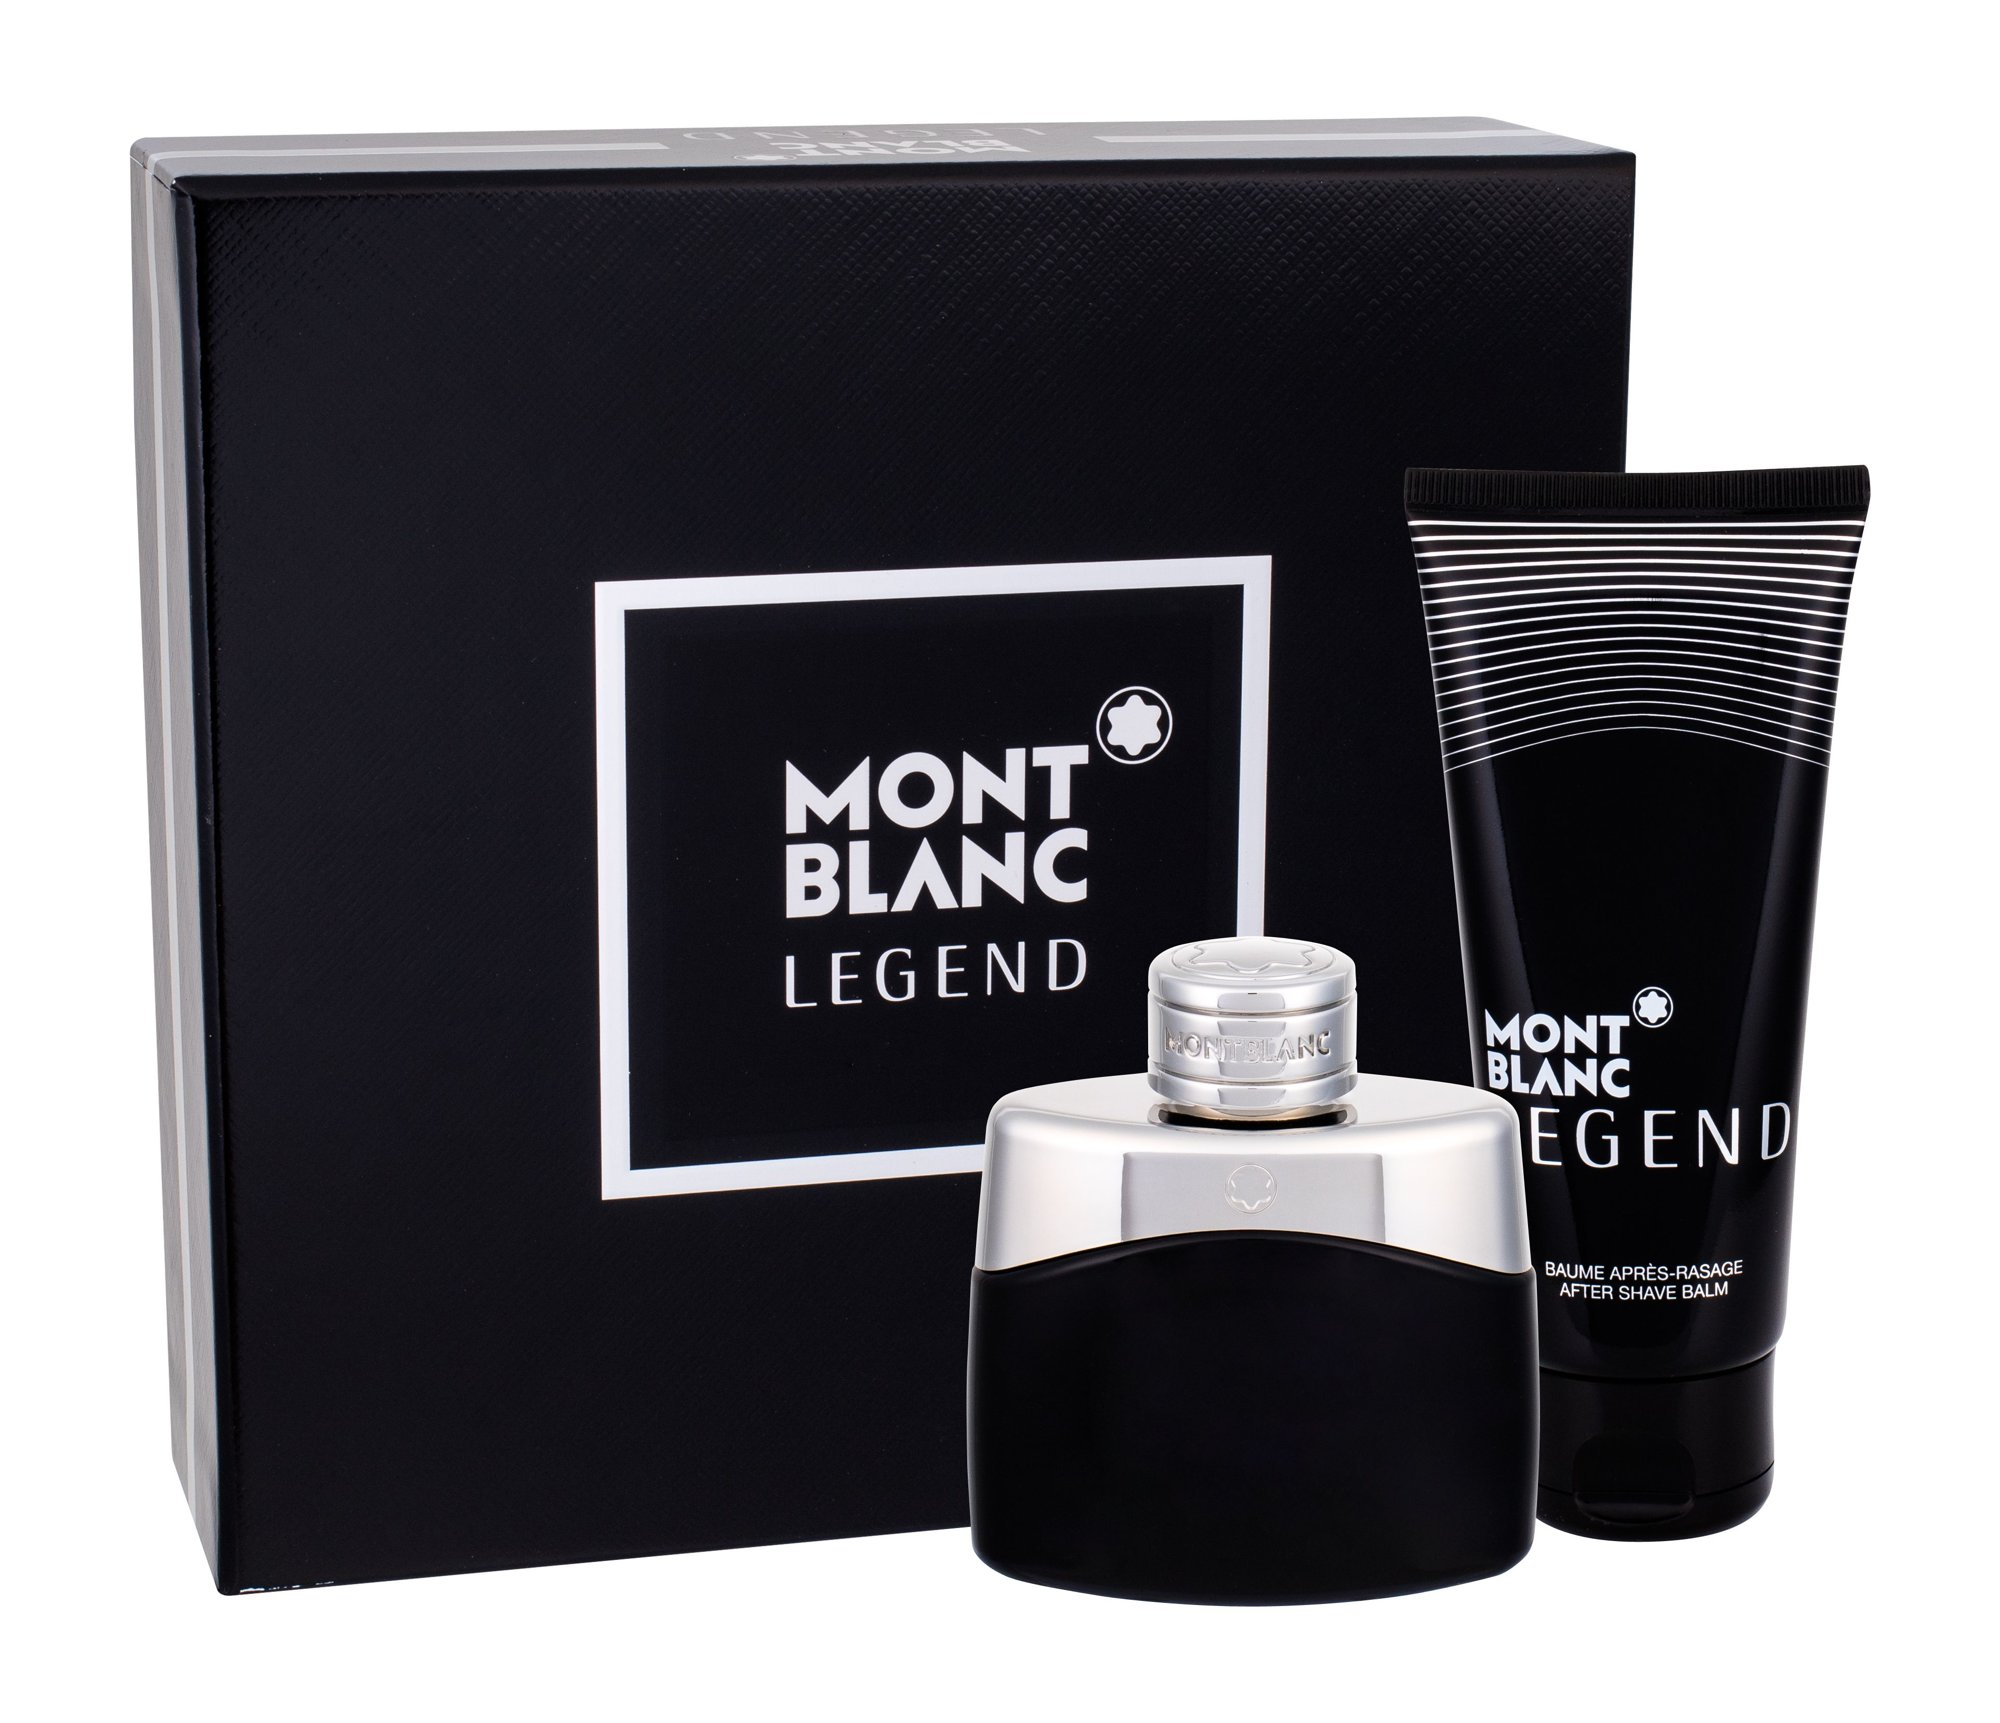 Montblanc Legend EDT 50ml